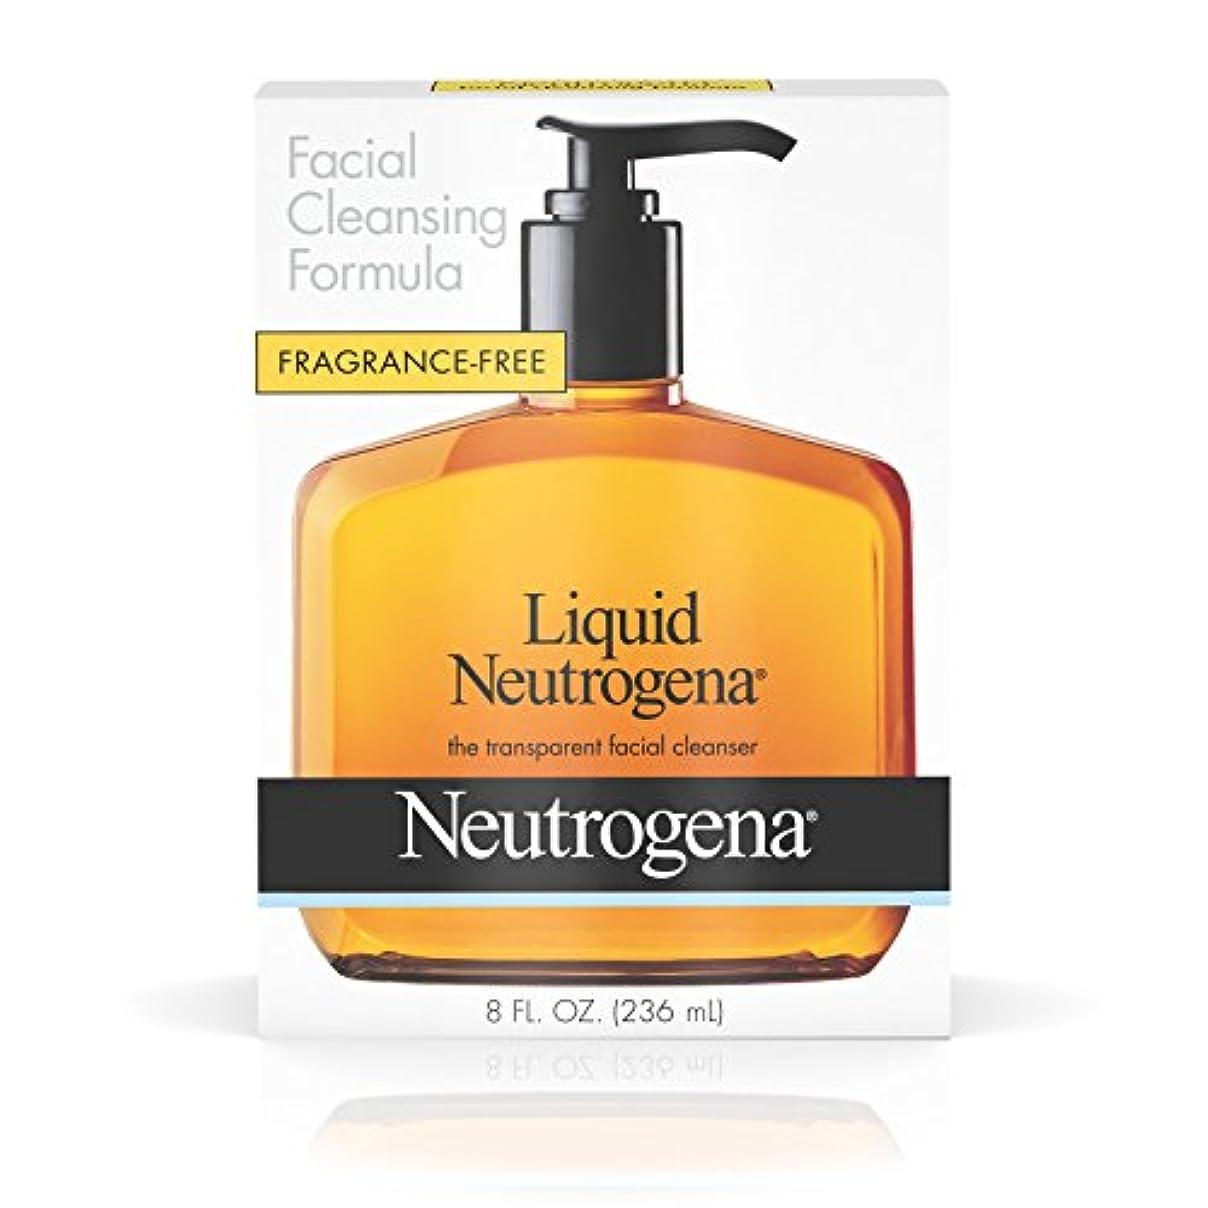 ボーダータイトルでNeutrogena 液体洗顔式、8フロリダ。オンス